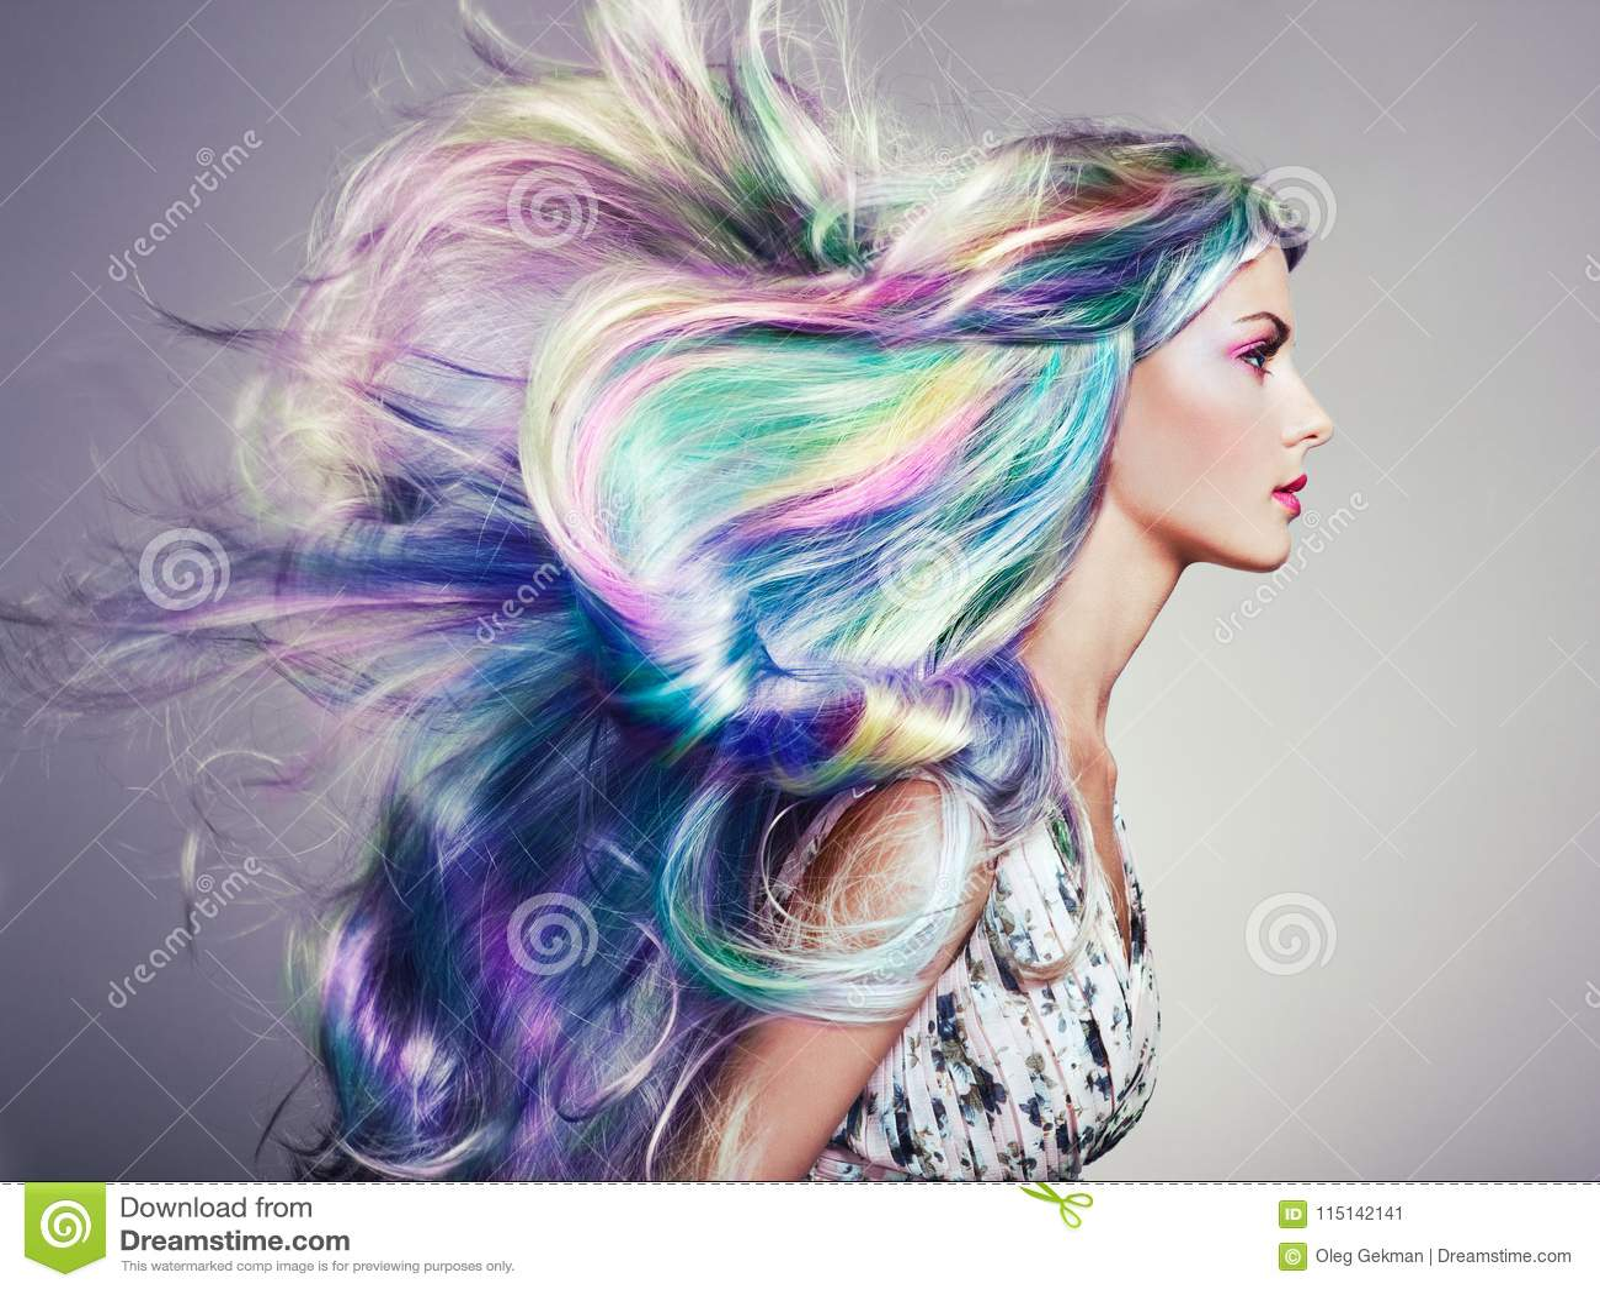 weiß mädchen mit gefärbten haaren